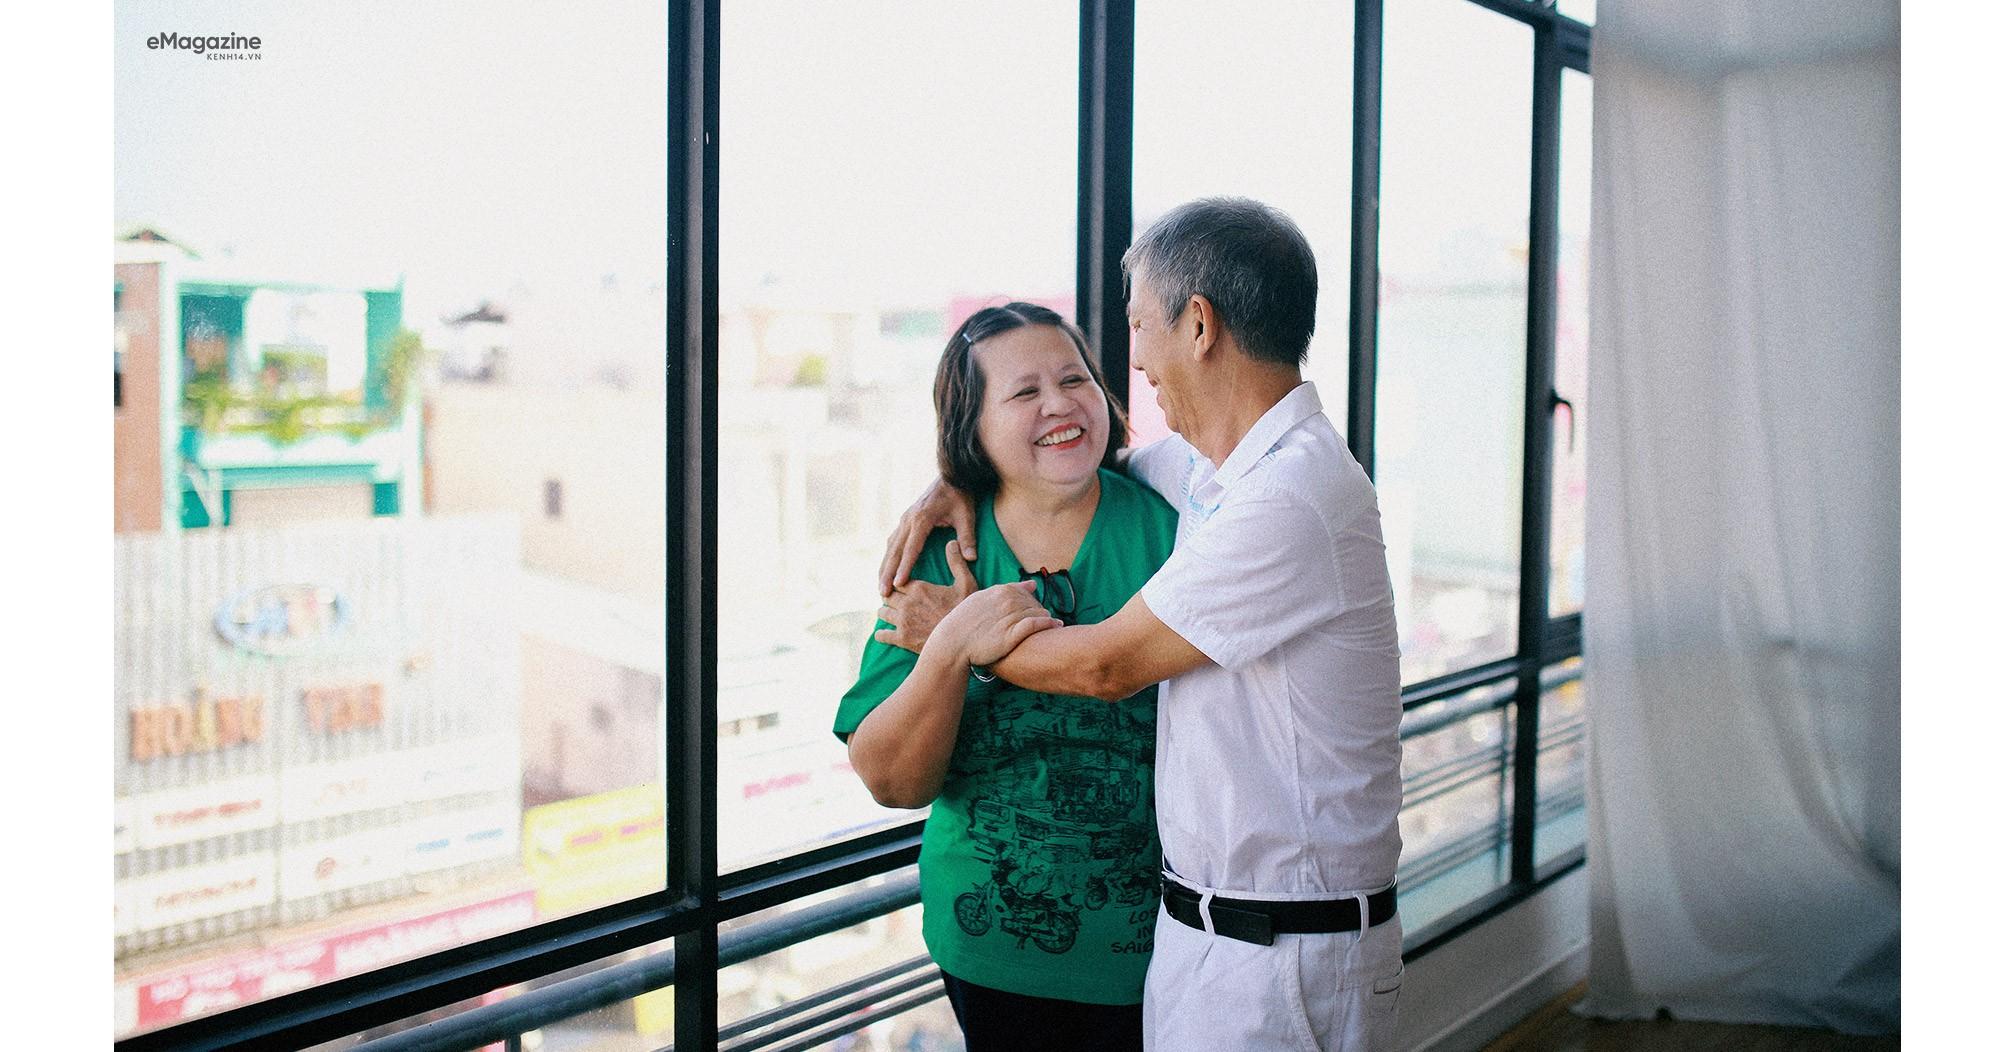 #ToiLaBenhNhanUngThu: Từ hashtag kiêu hãnh của Thủy Muối đến hành trình rất đẹp của các chiến binh ung thư - Ảnh 15.